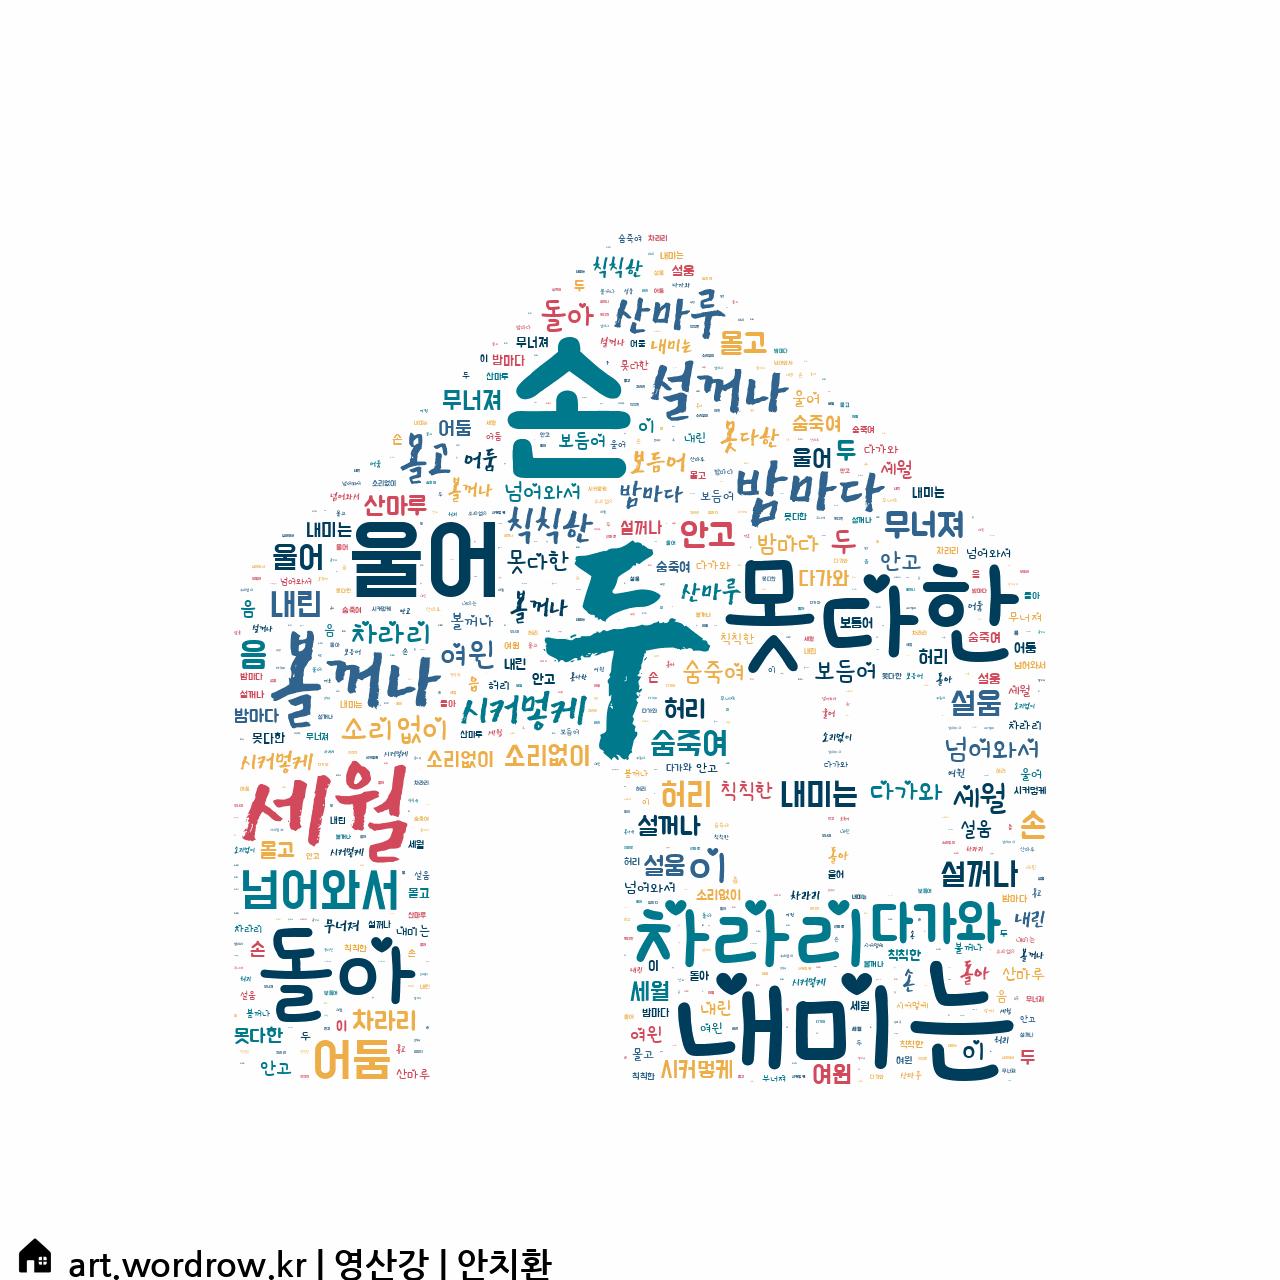 워드 클라우드: 영산강 [안치환]-11